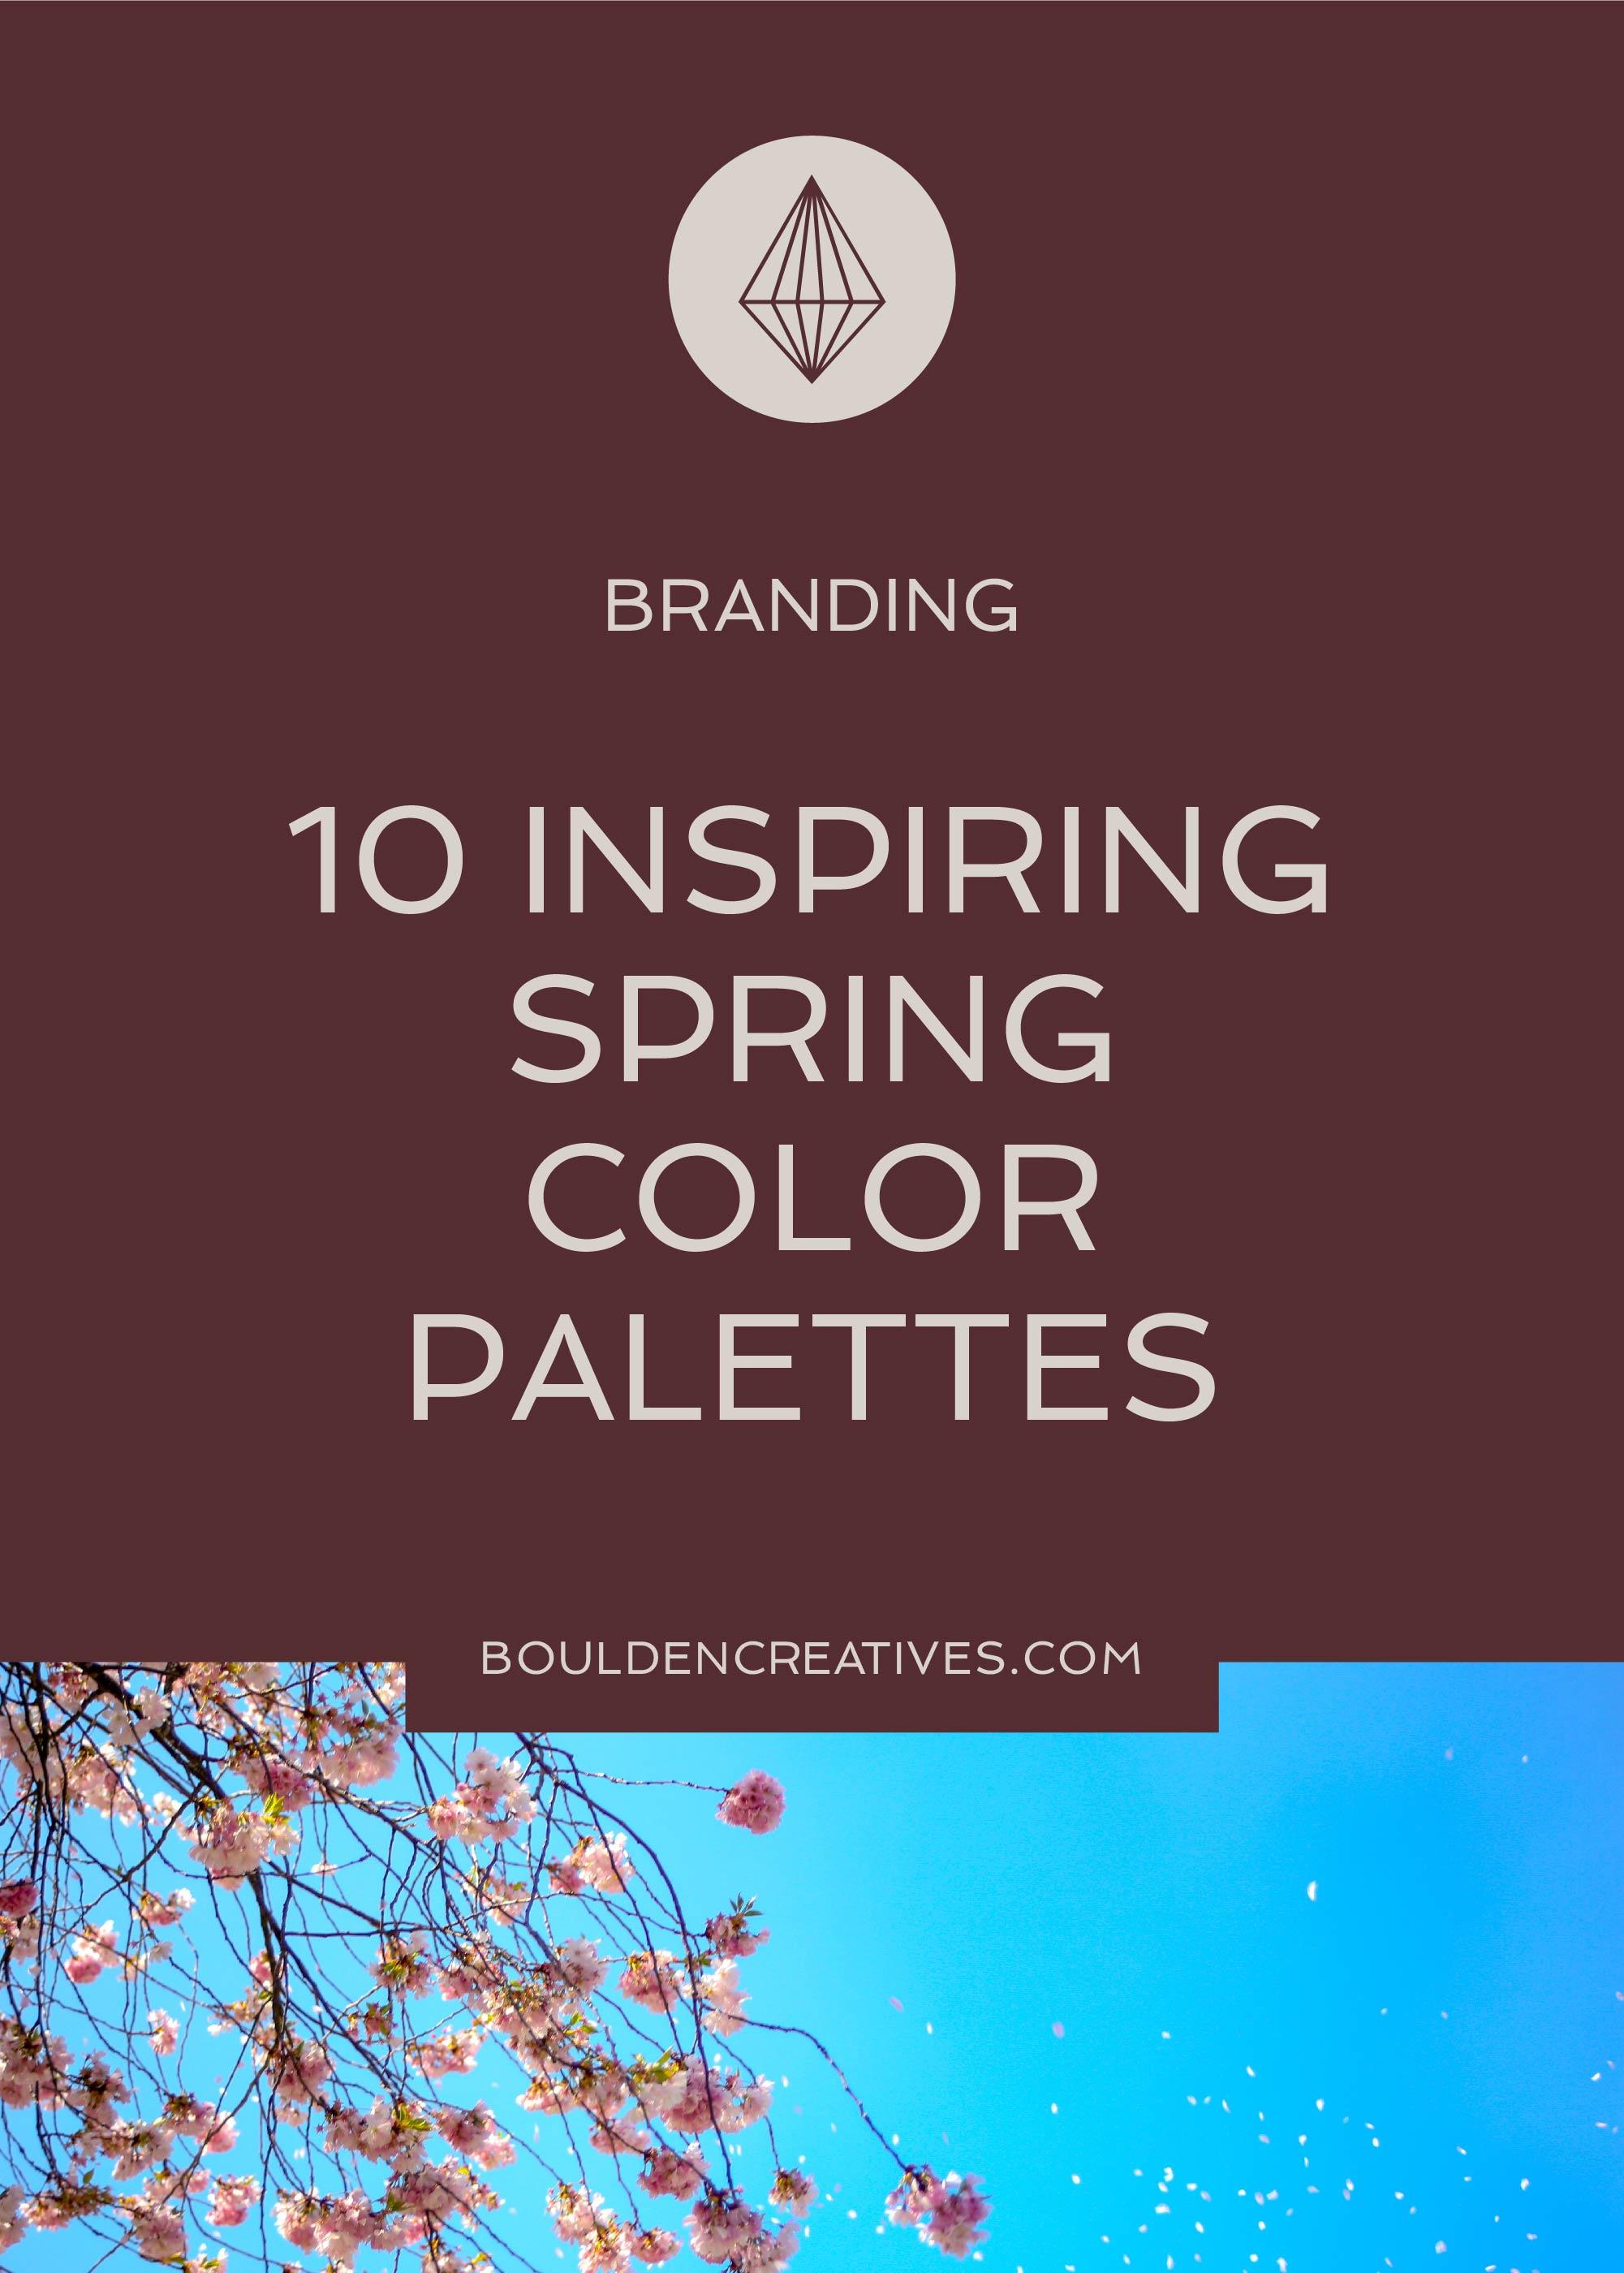 10 Inspiring Spring Color Palettes